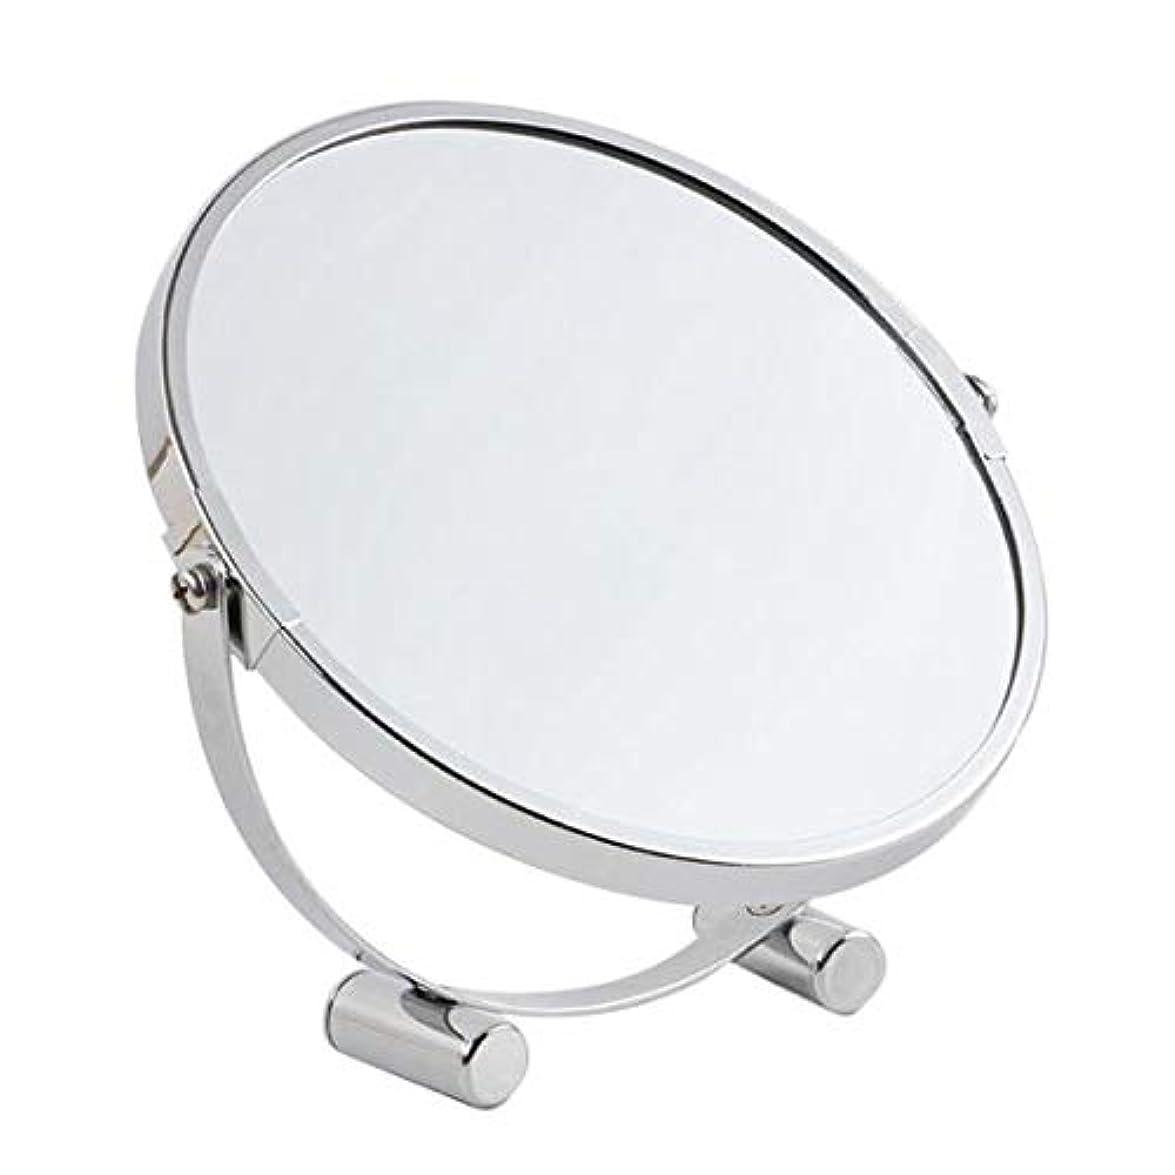 起訴する利用可能ビスケットTHINKELS-TECH 7インチ化粧鏡両面1X/2X倍率360度回転旅行用ミラー トラベルミラーベース取り外し可能